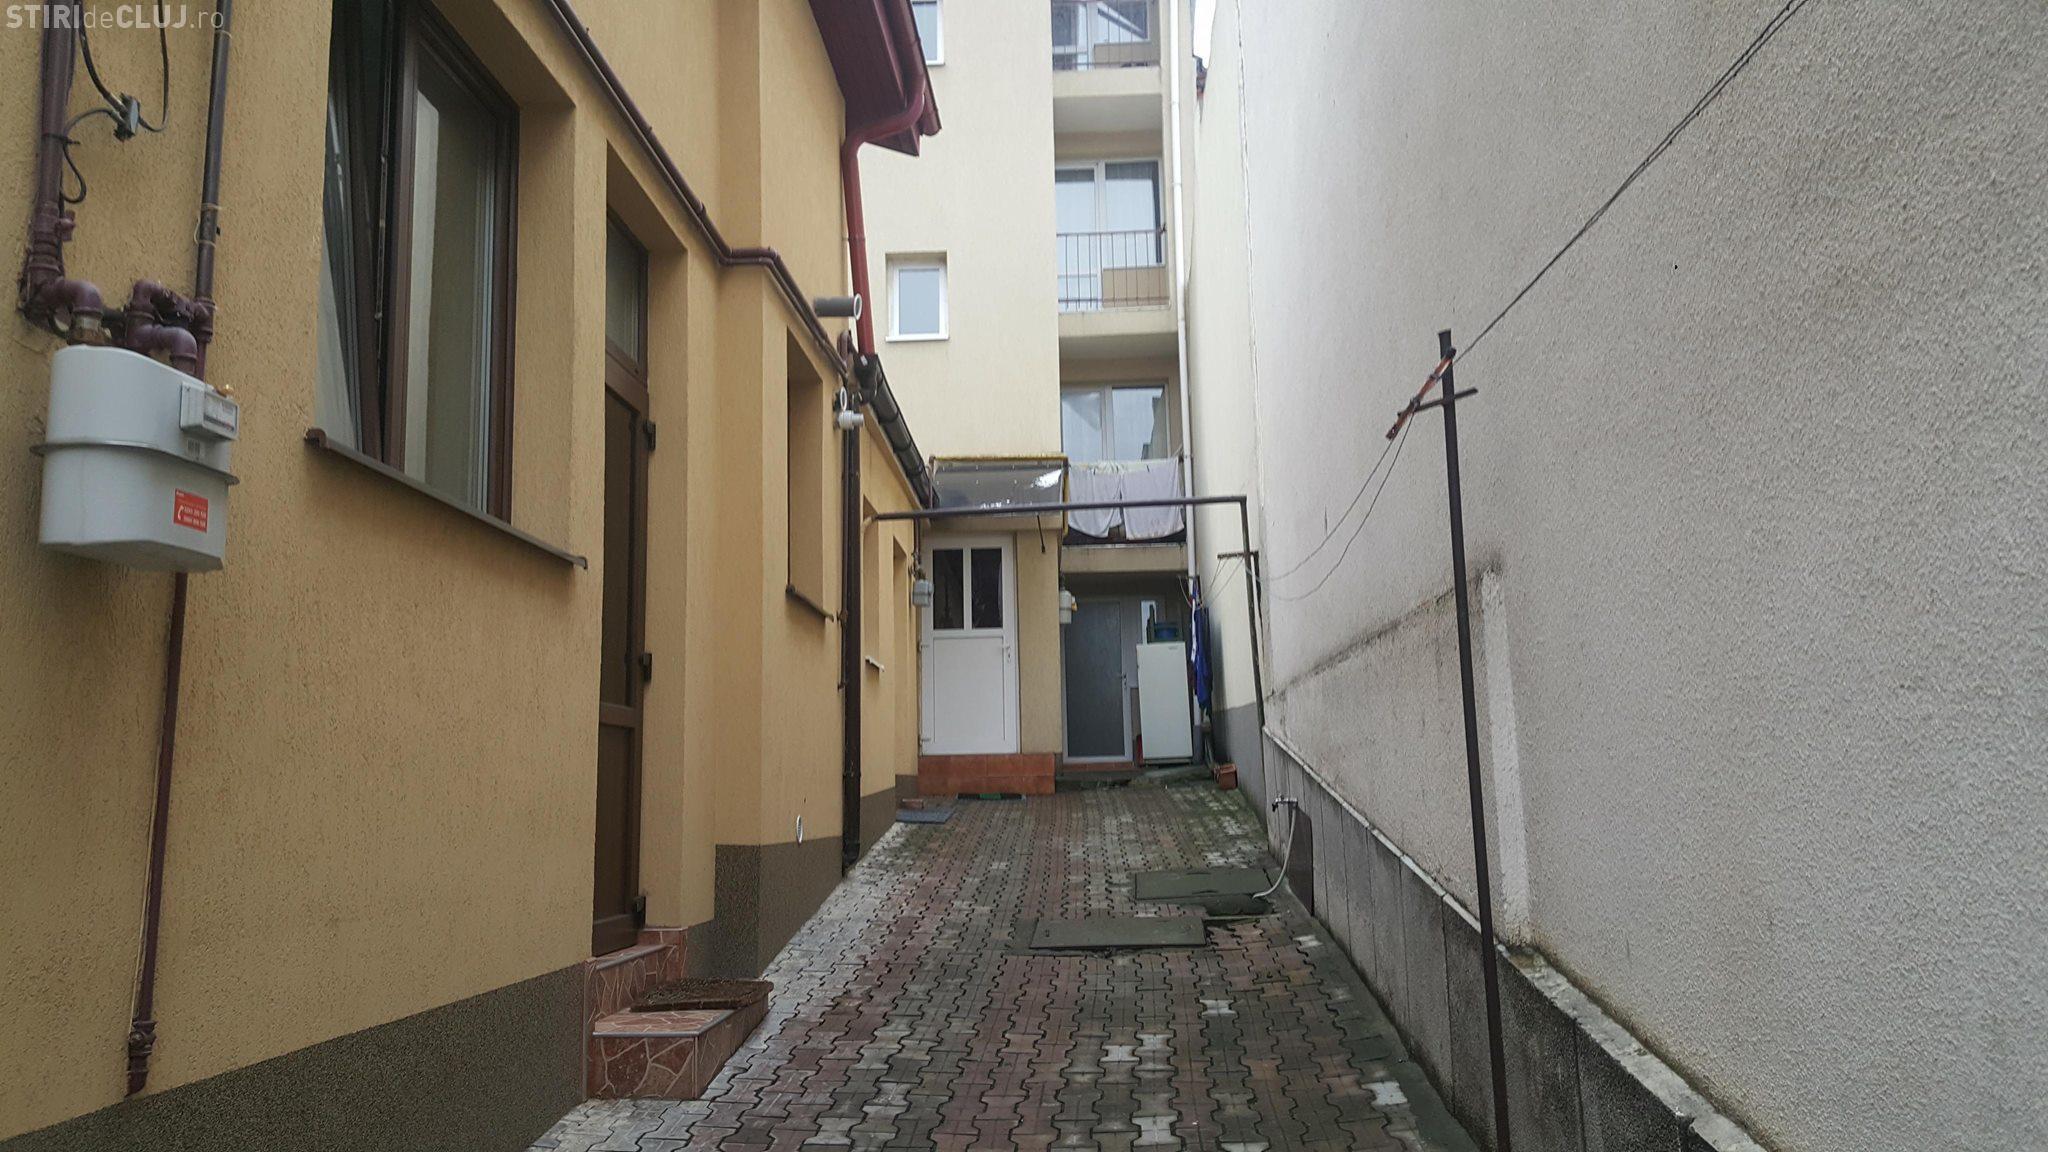 Cluj: Chiriaș scos cu ranga din casă. Polițiștii au intervenit, dar se grăbeau: Suntem un echipaj pe două cartiere